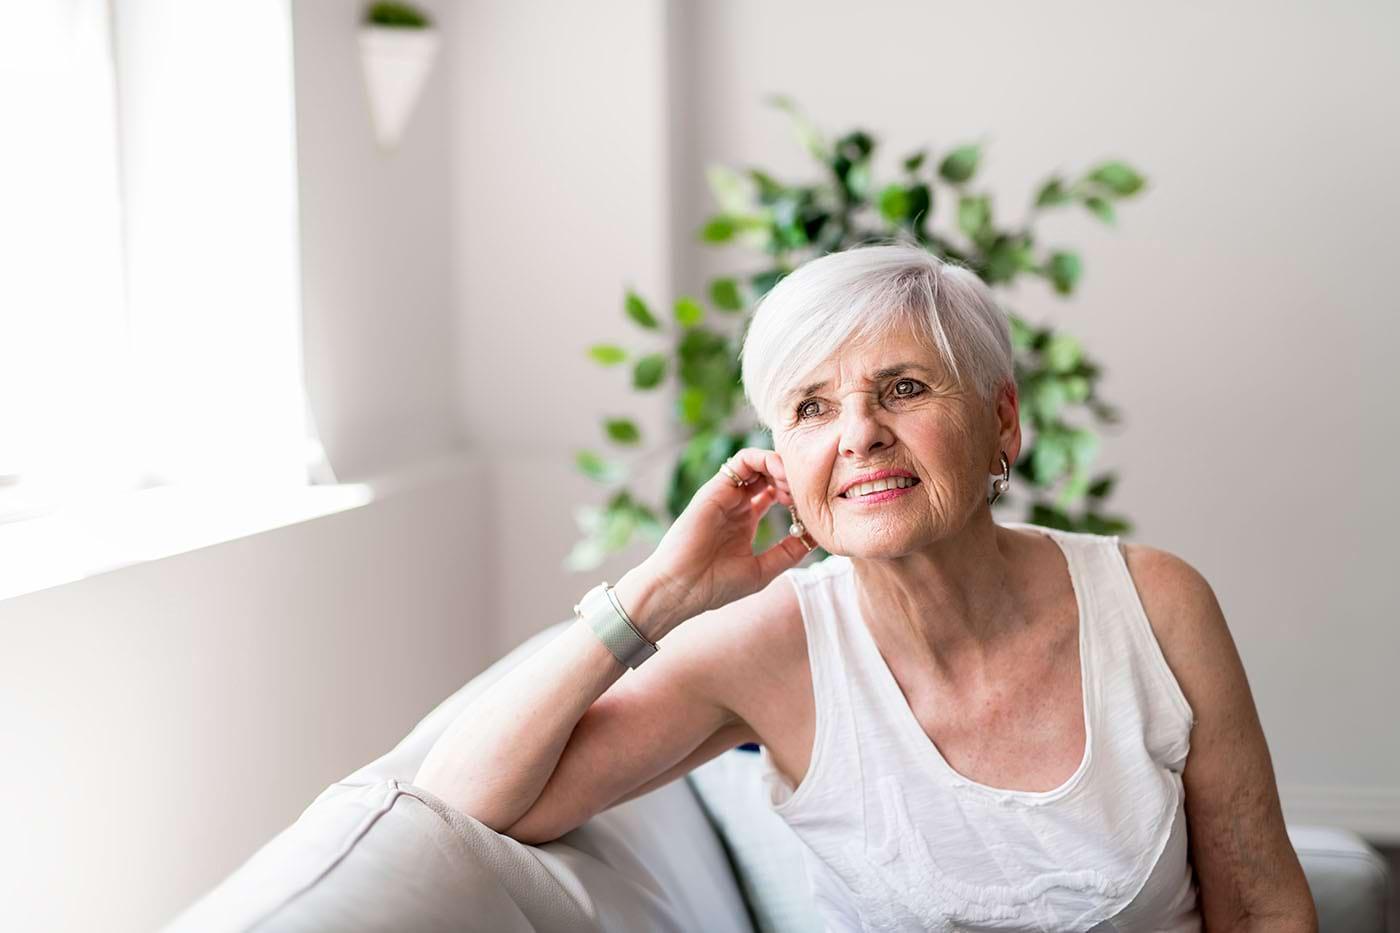 Ai împlinit 70 de ani? Ce schimbări au loc în corp după această vârstă